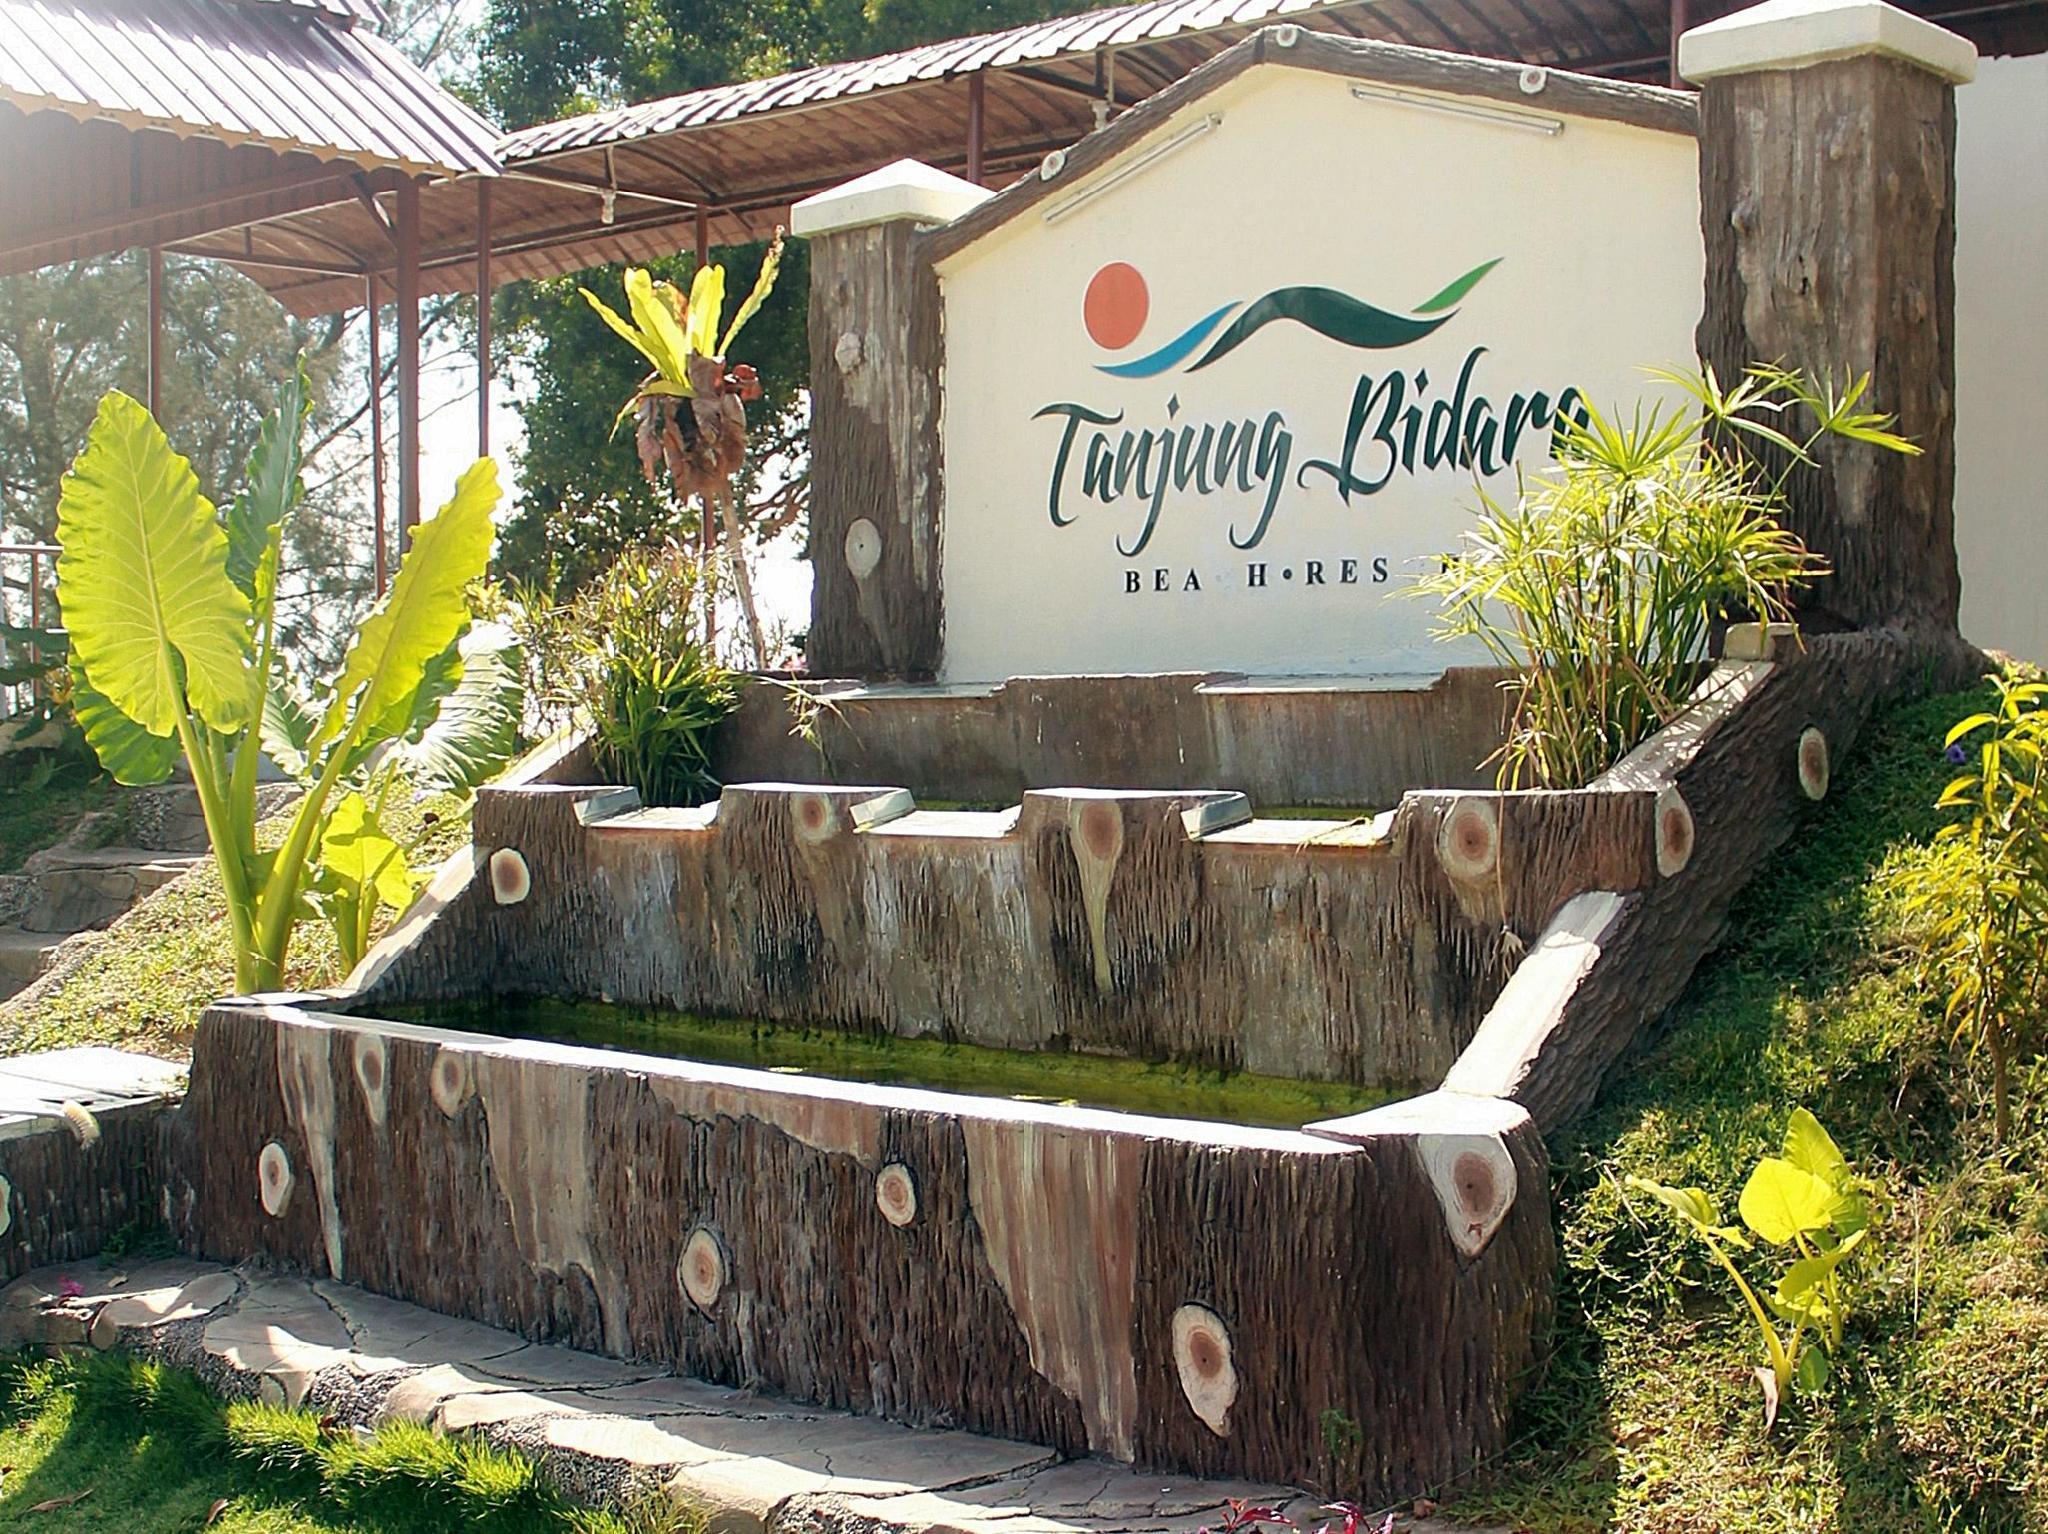 Tanjung Bidara Beach Resort